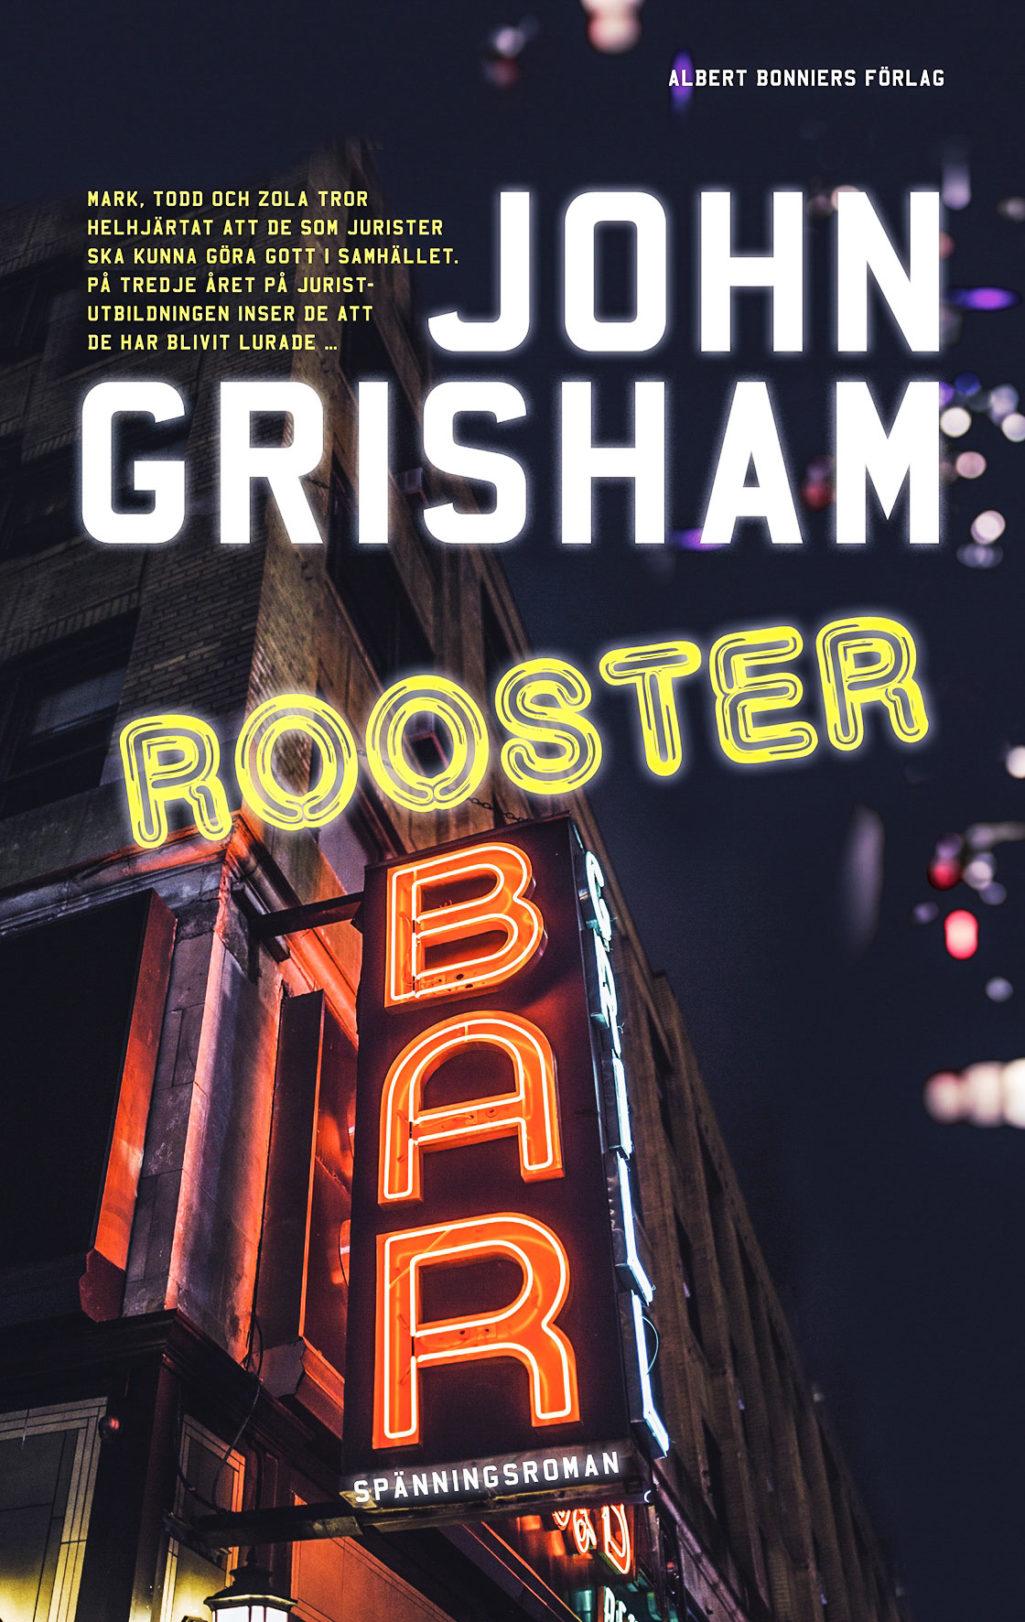 boktips-rooster-bar-grisham